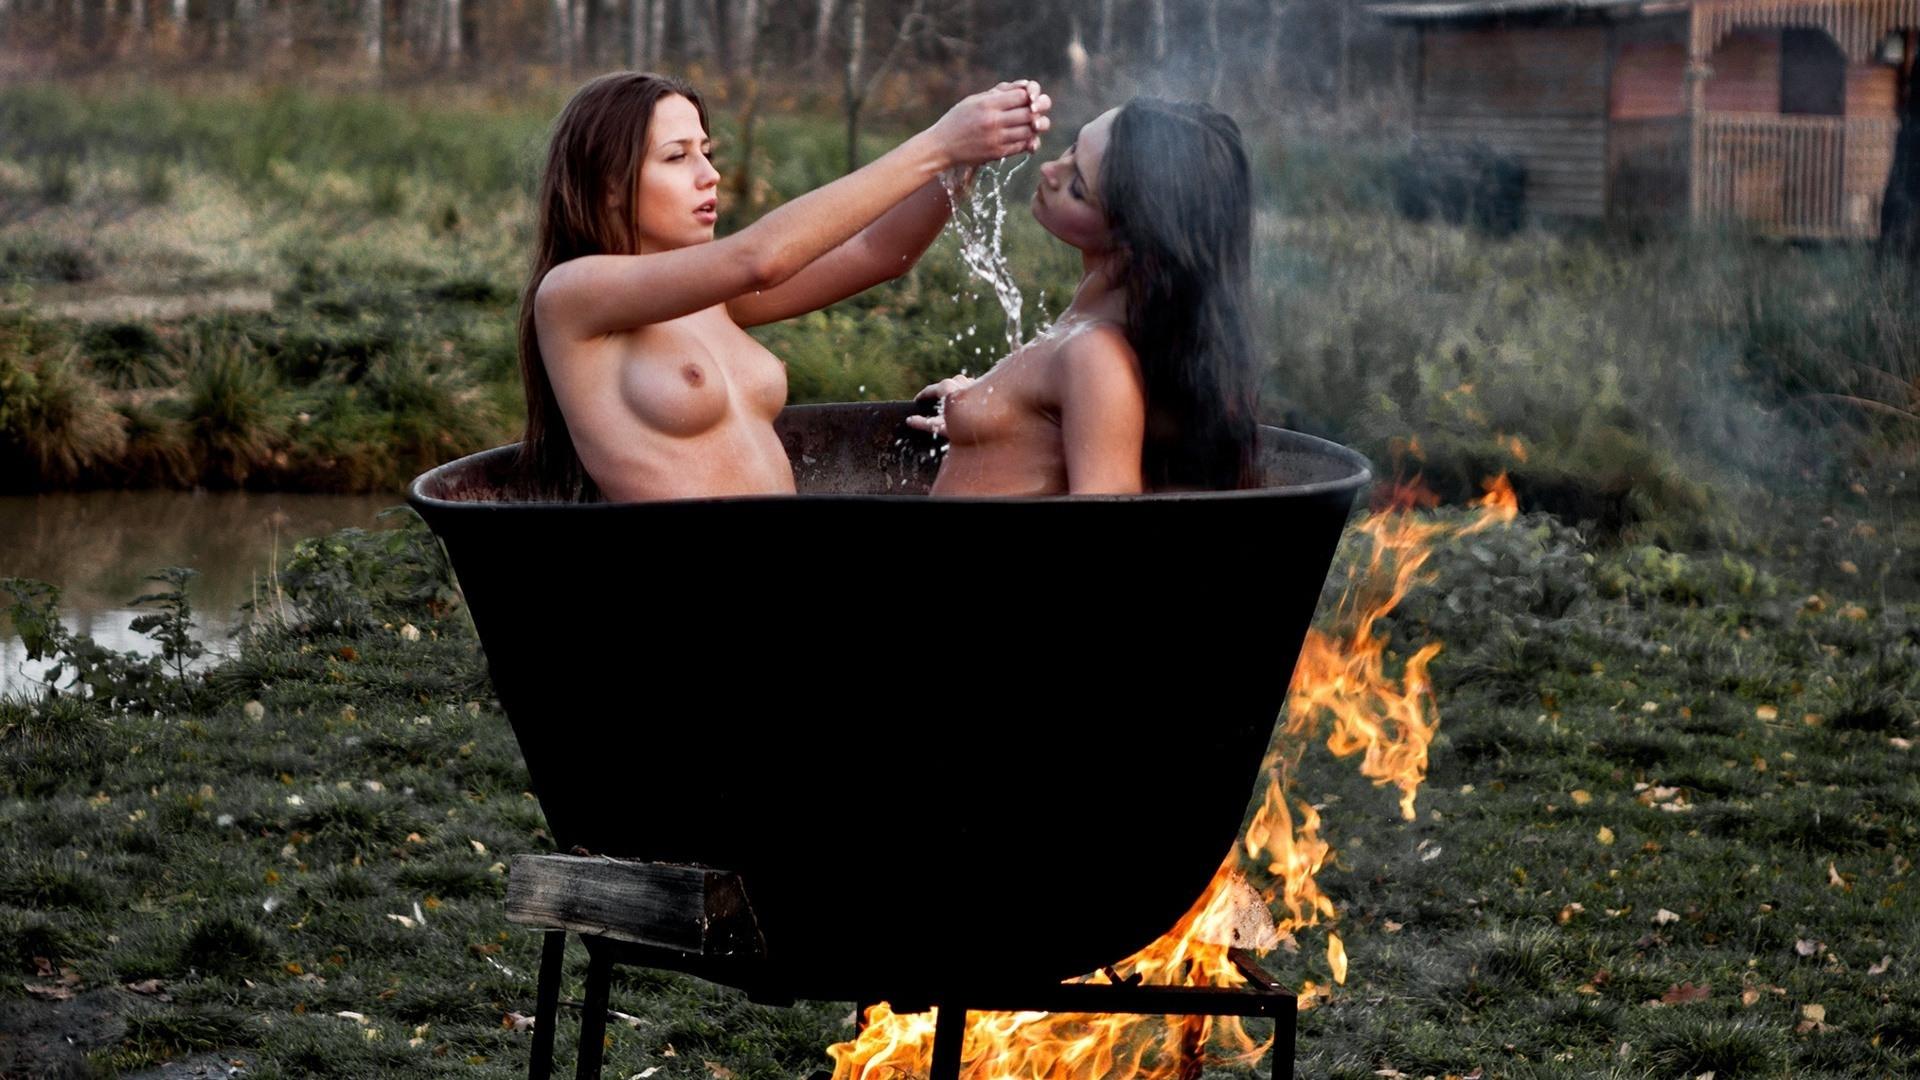 Фото Две голые девушки варятся в котле, голые брюнетки в чане с горячей водой под костром, скачать картинку бесплатно